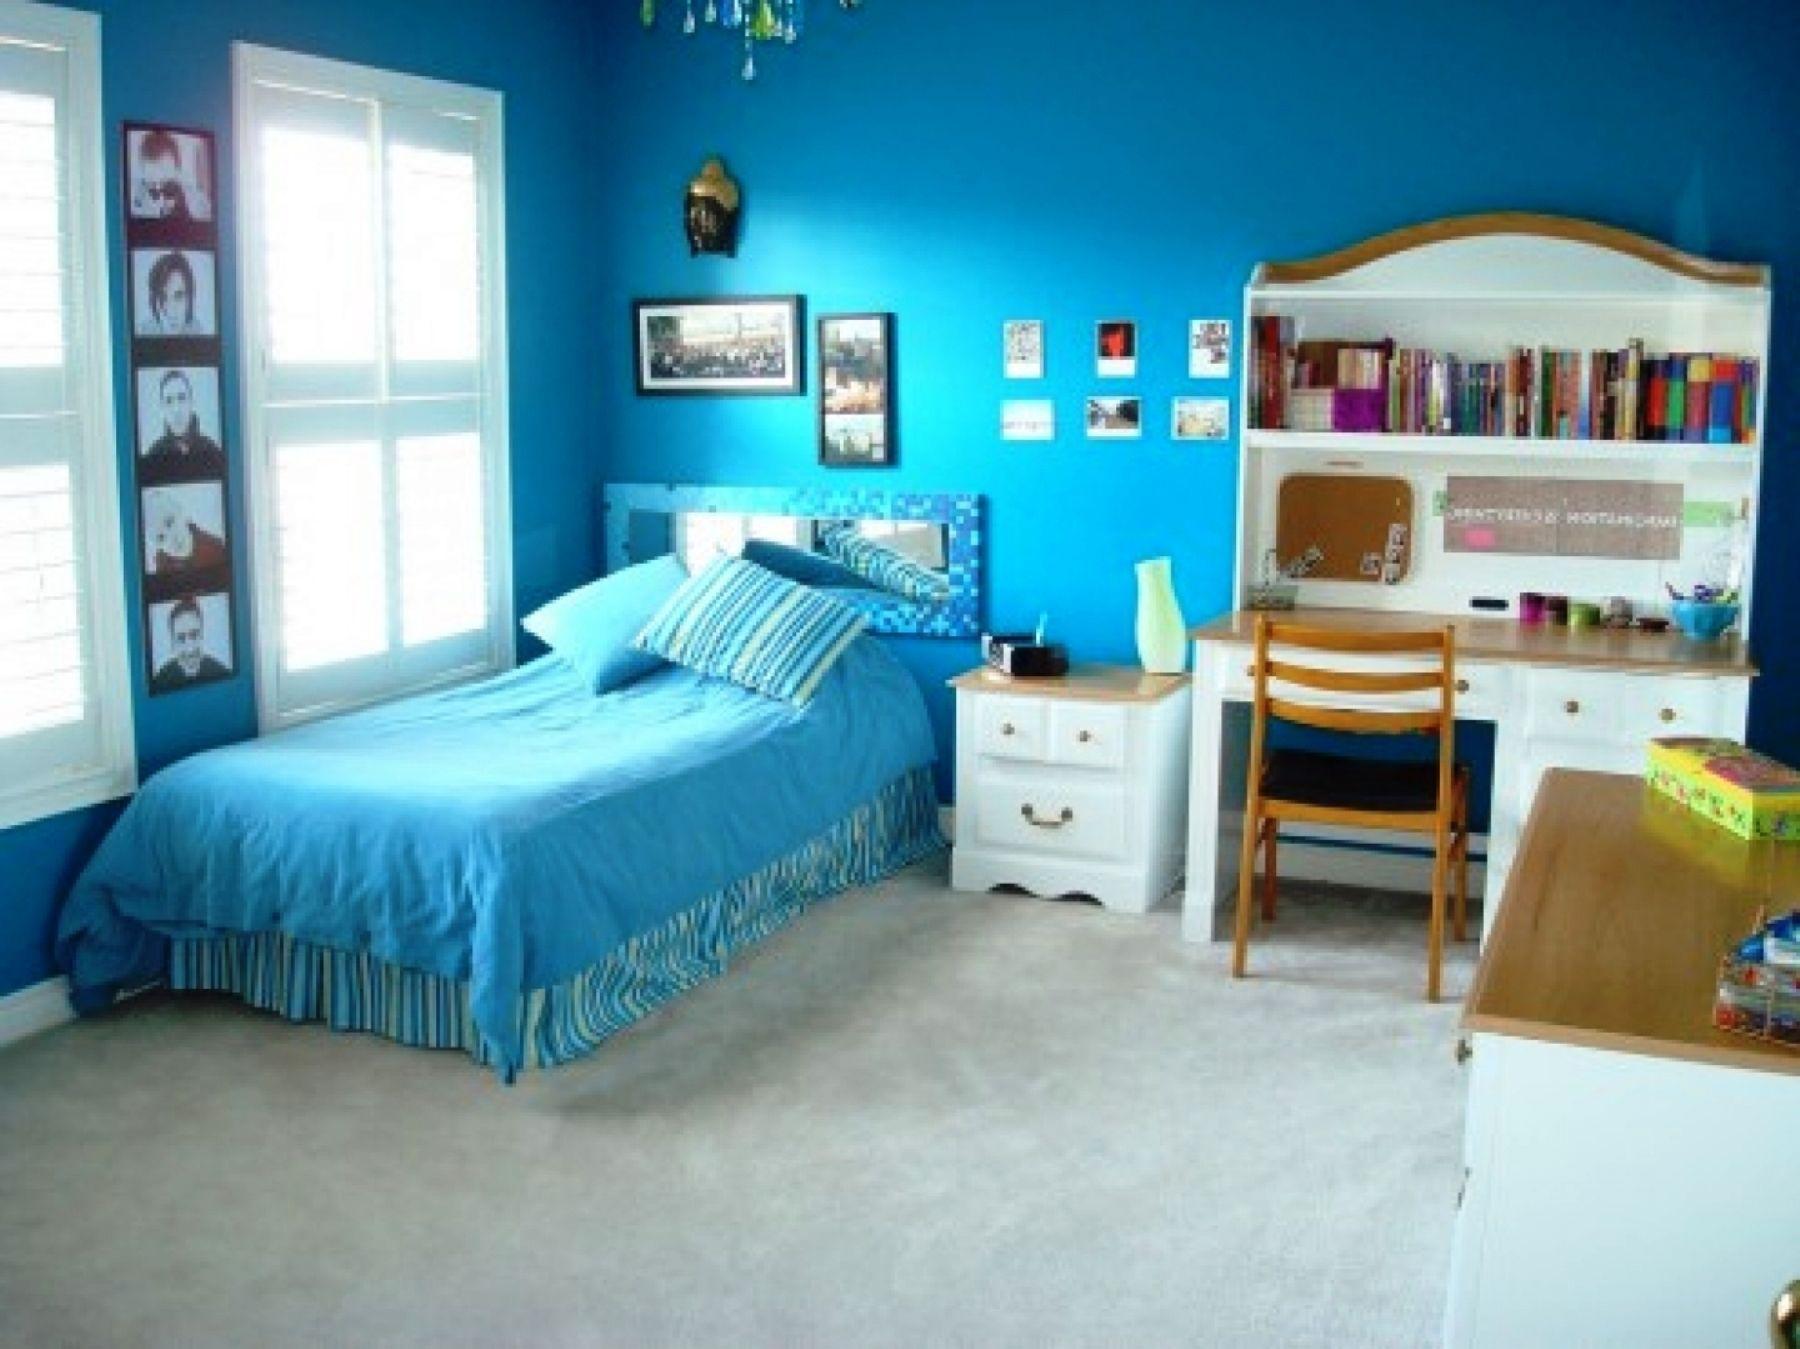 Schlafzimmer Stand Licht Ideen für teenager zimmer